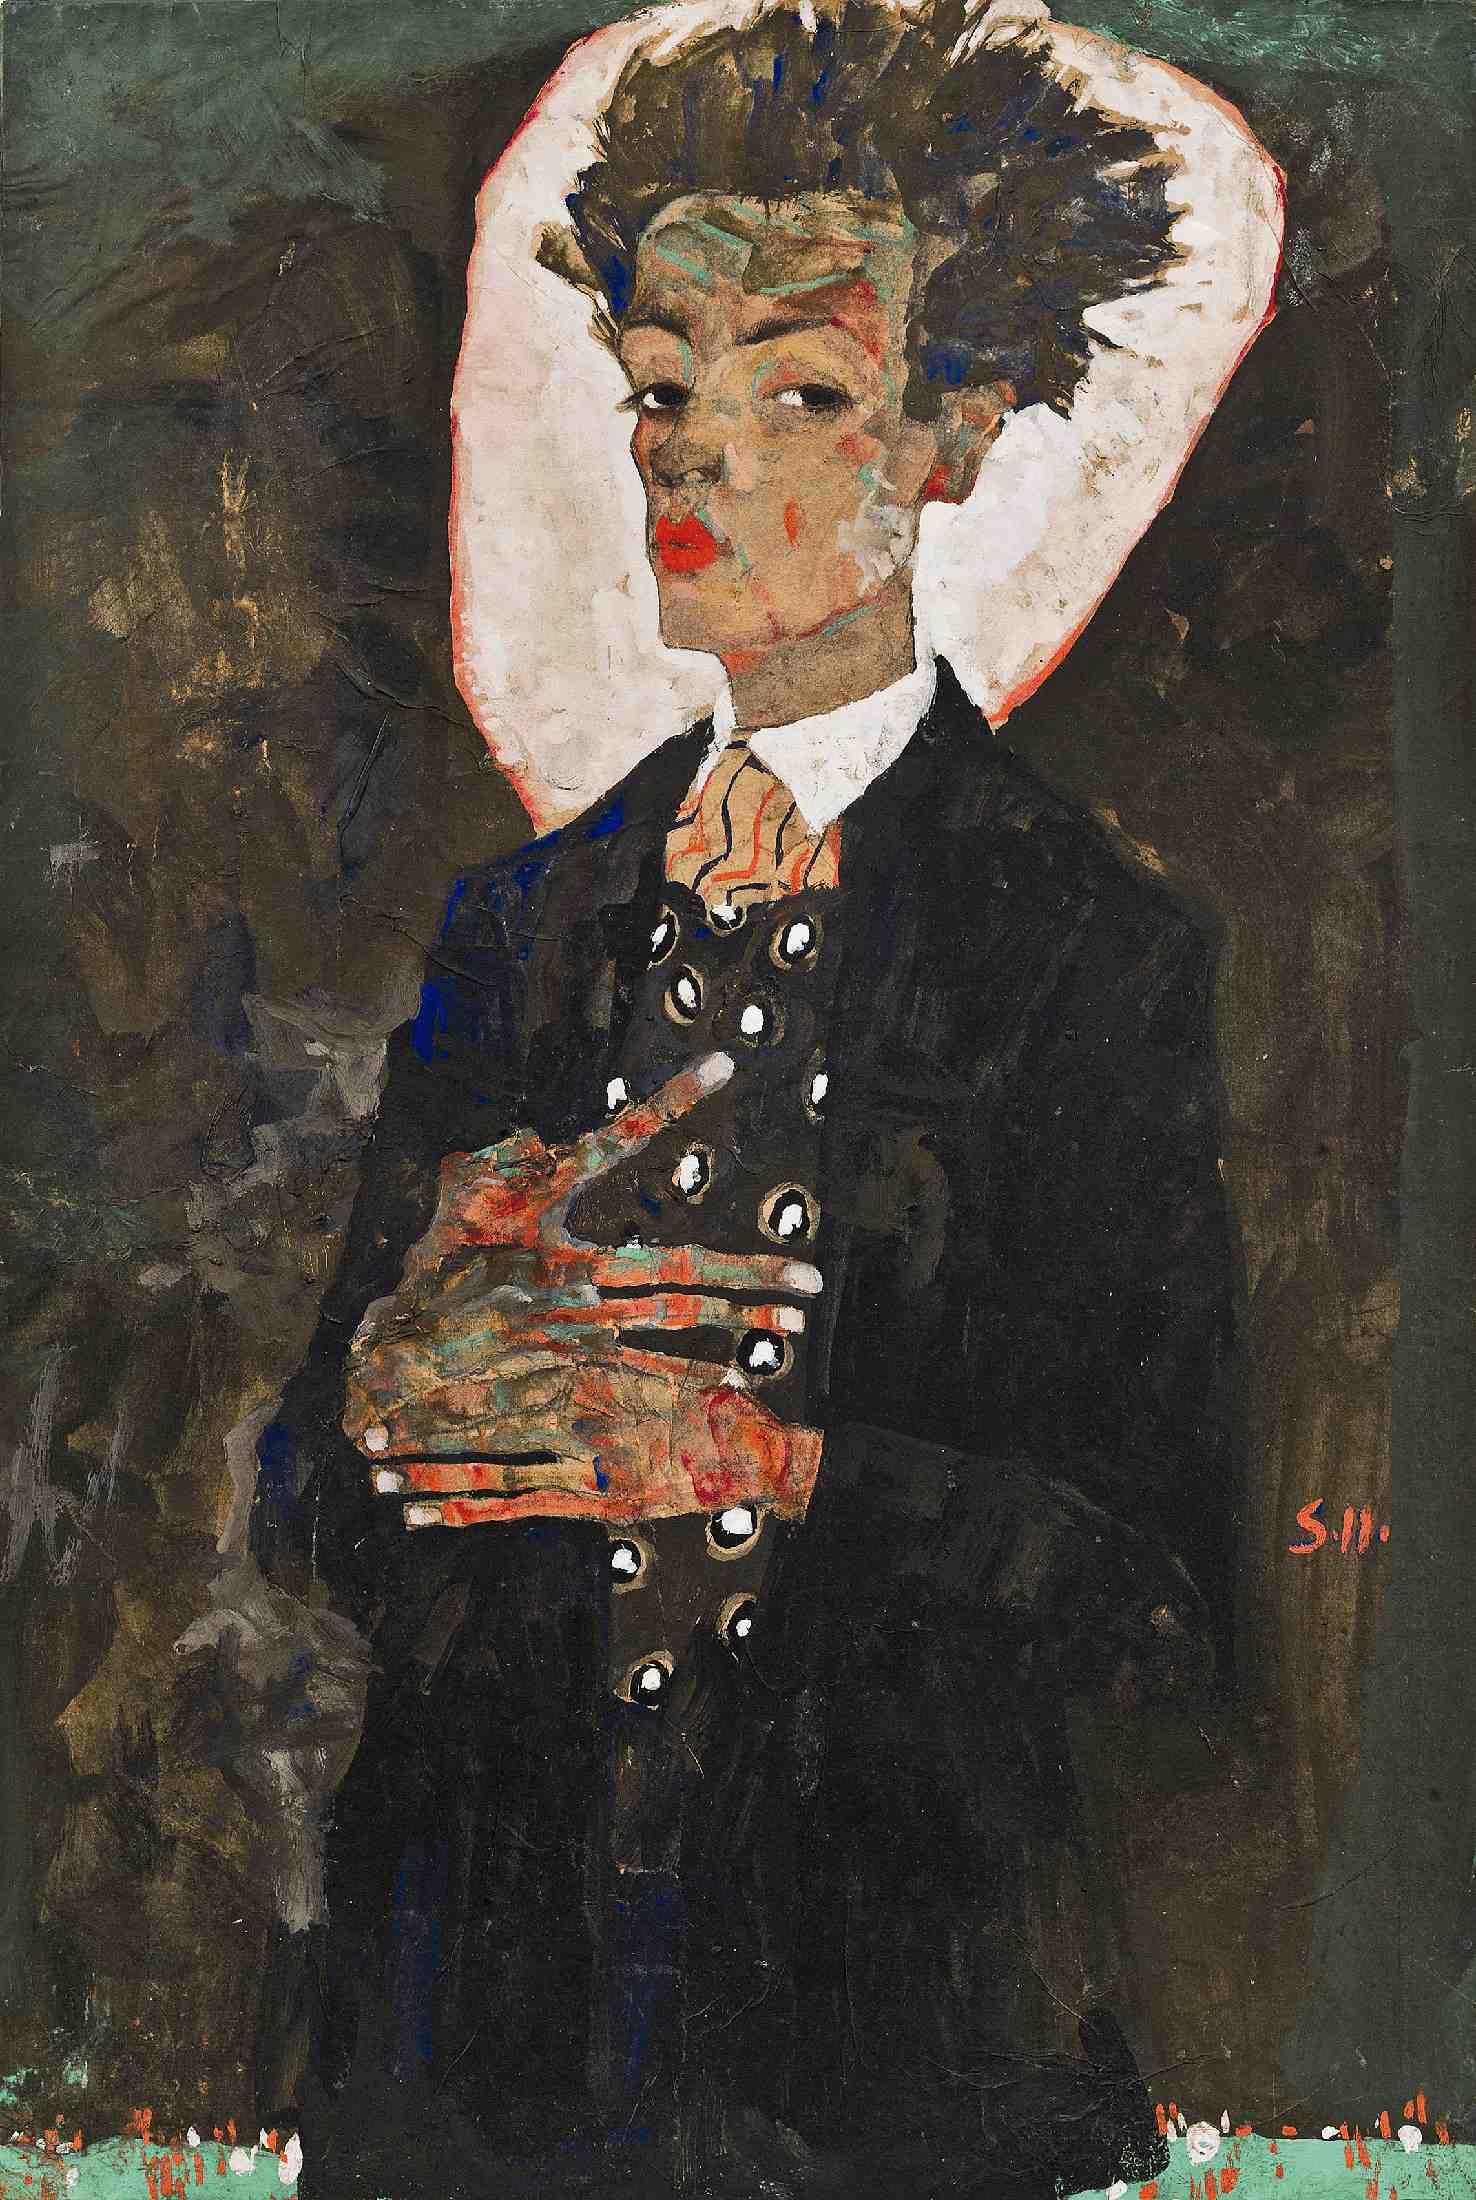 Självporträtt med påfågelväst, Egon Schiele, 1911. Foto: Louisiana